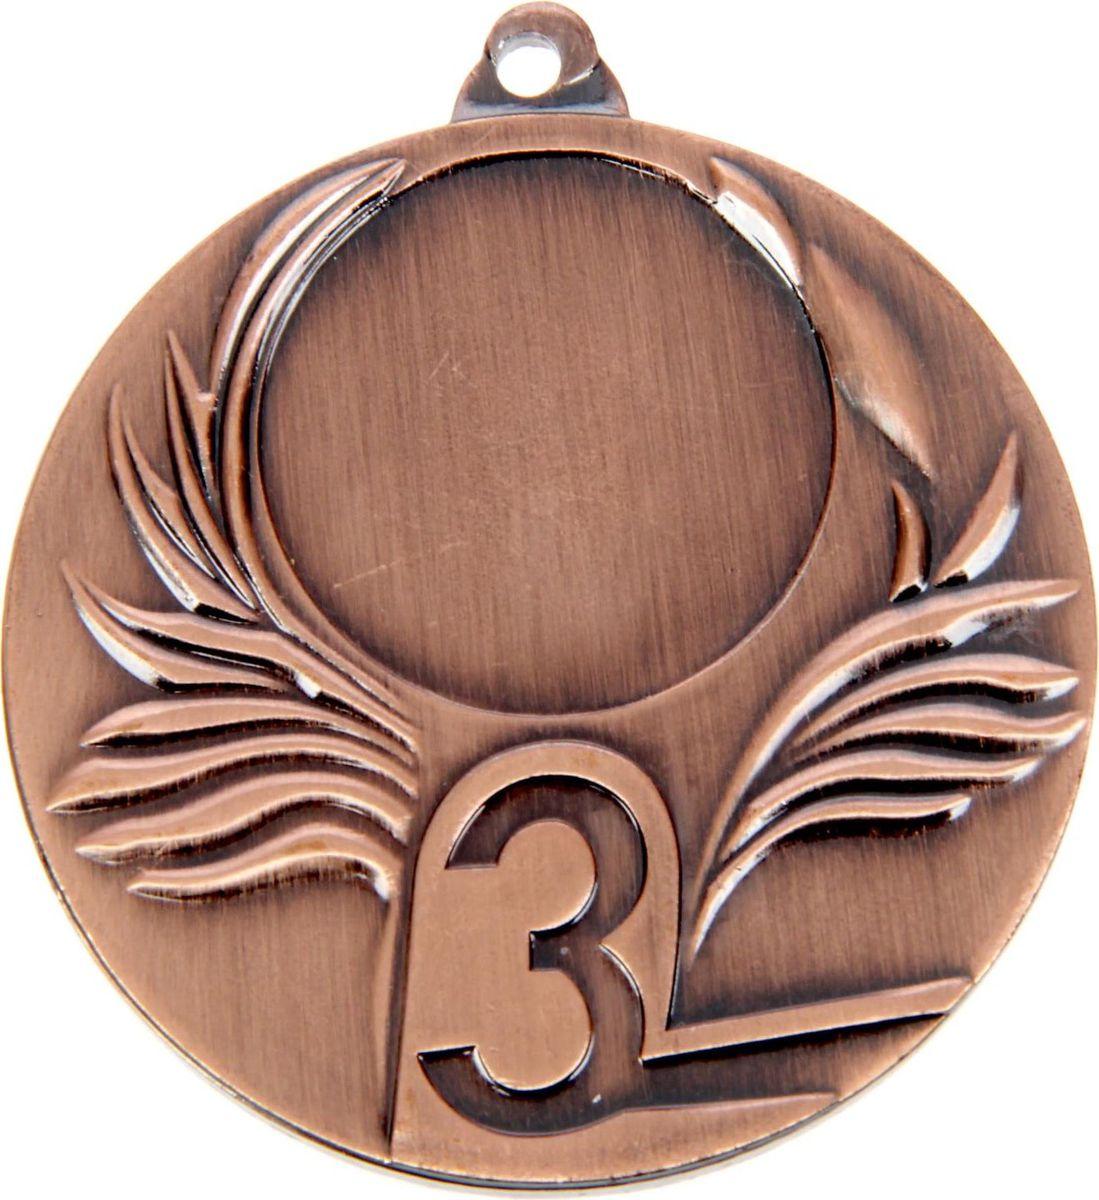 Медаль сувенирная 3 место, цвет: бронзовый, диаметр 5 см. 0381387705Невозможно представить нашу жизнь без праздников! Мы всегда ждём их и предвкушаем, обдумываем, как проведём памятный день, тщательно выбираем подарки и аксессуары, ведь именно они создают и поддерживают торжественный настрой. Это отличный выбор, который привнесёт атмосферу праздника в ваш дом!